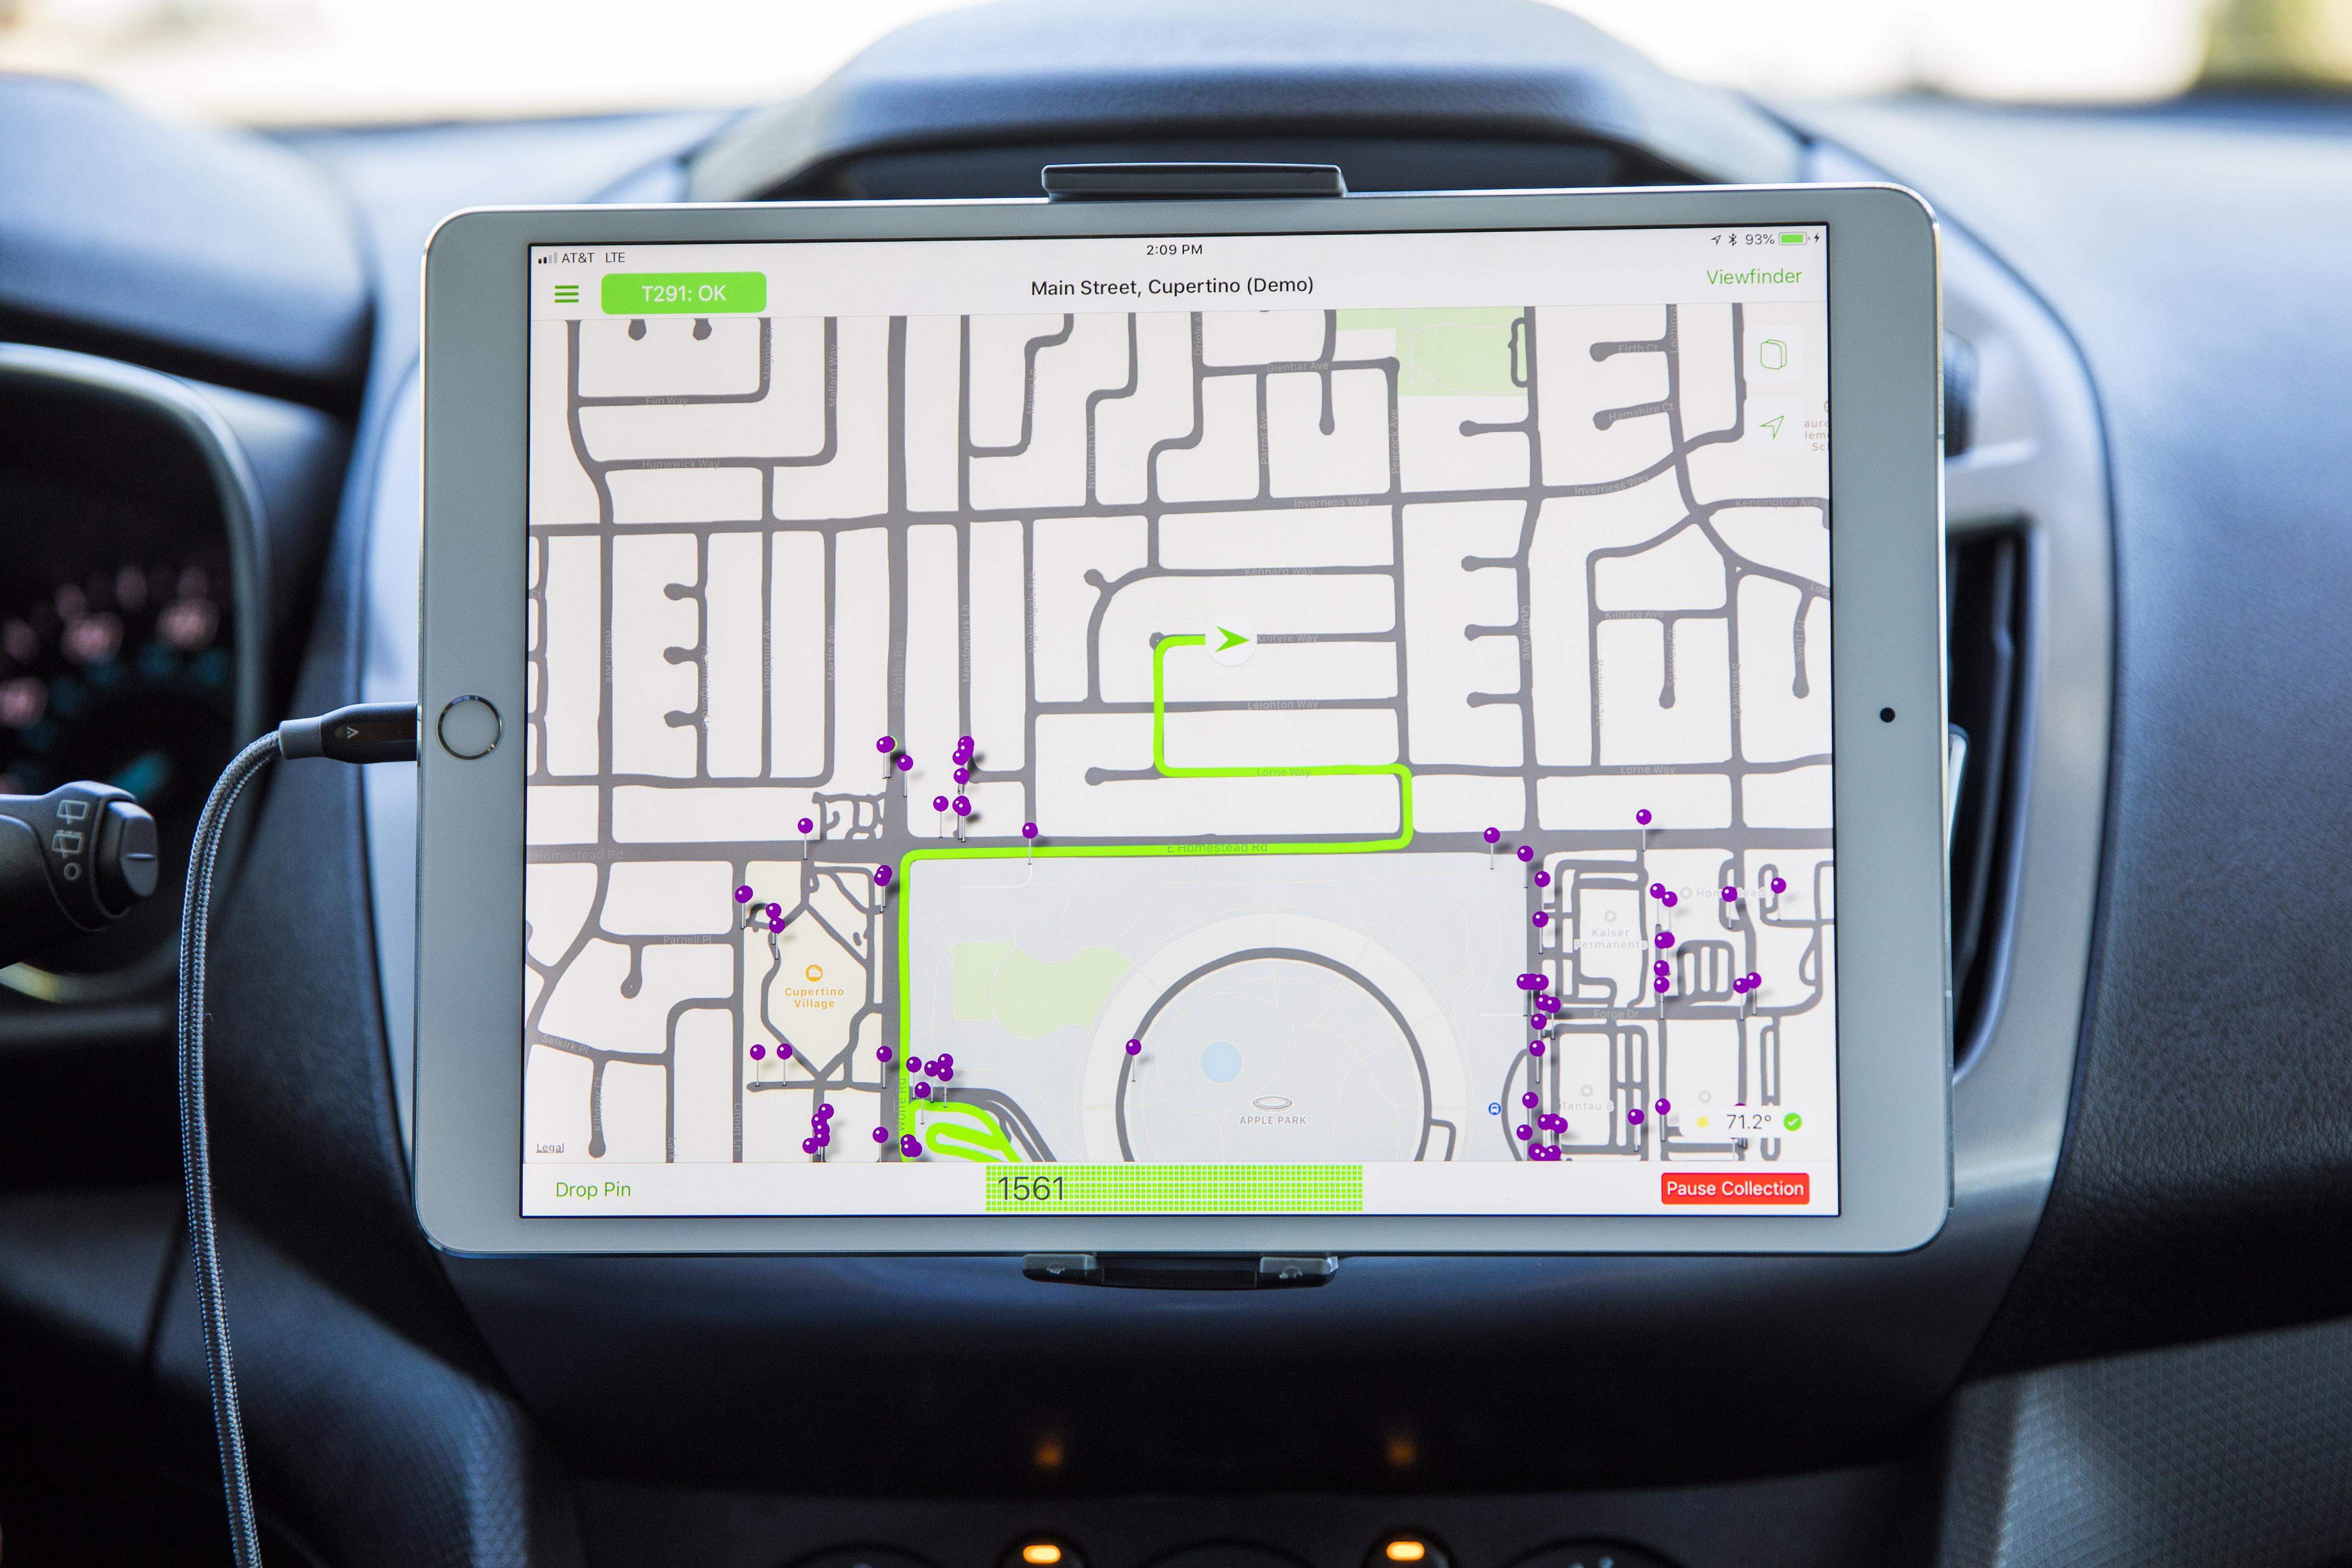 iPad em veículo utilizado para captura dos mapas da Apple